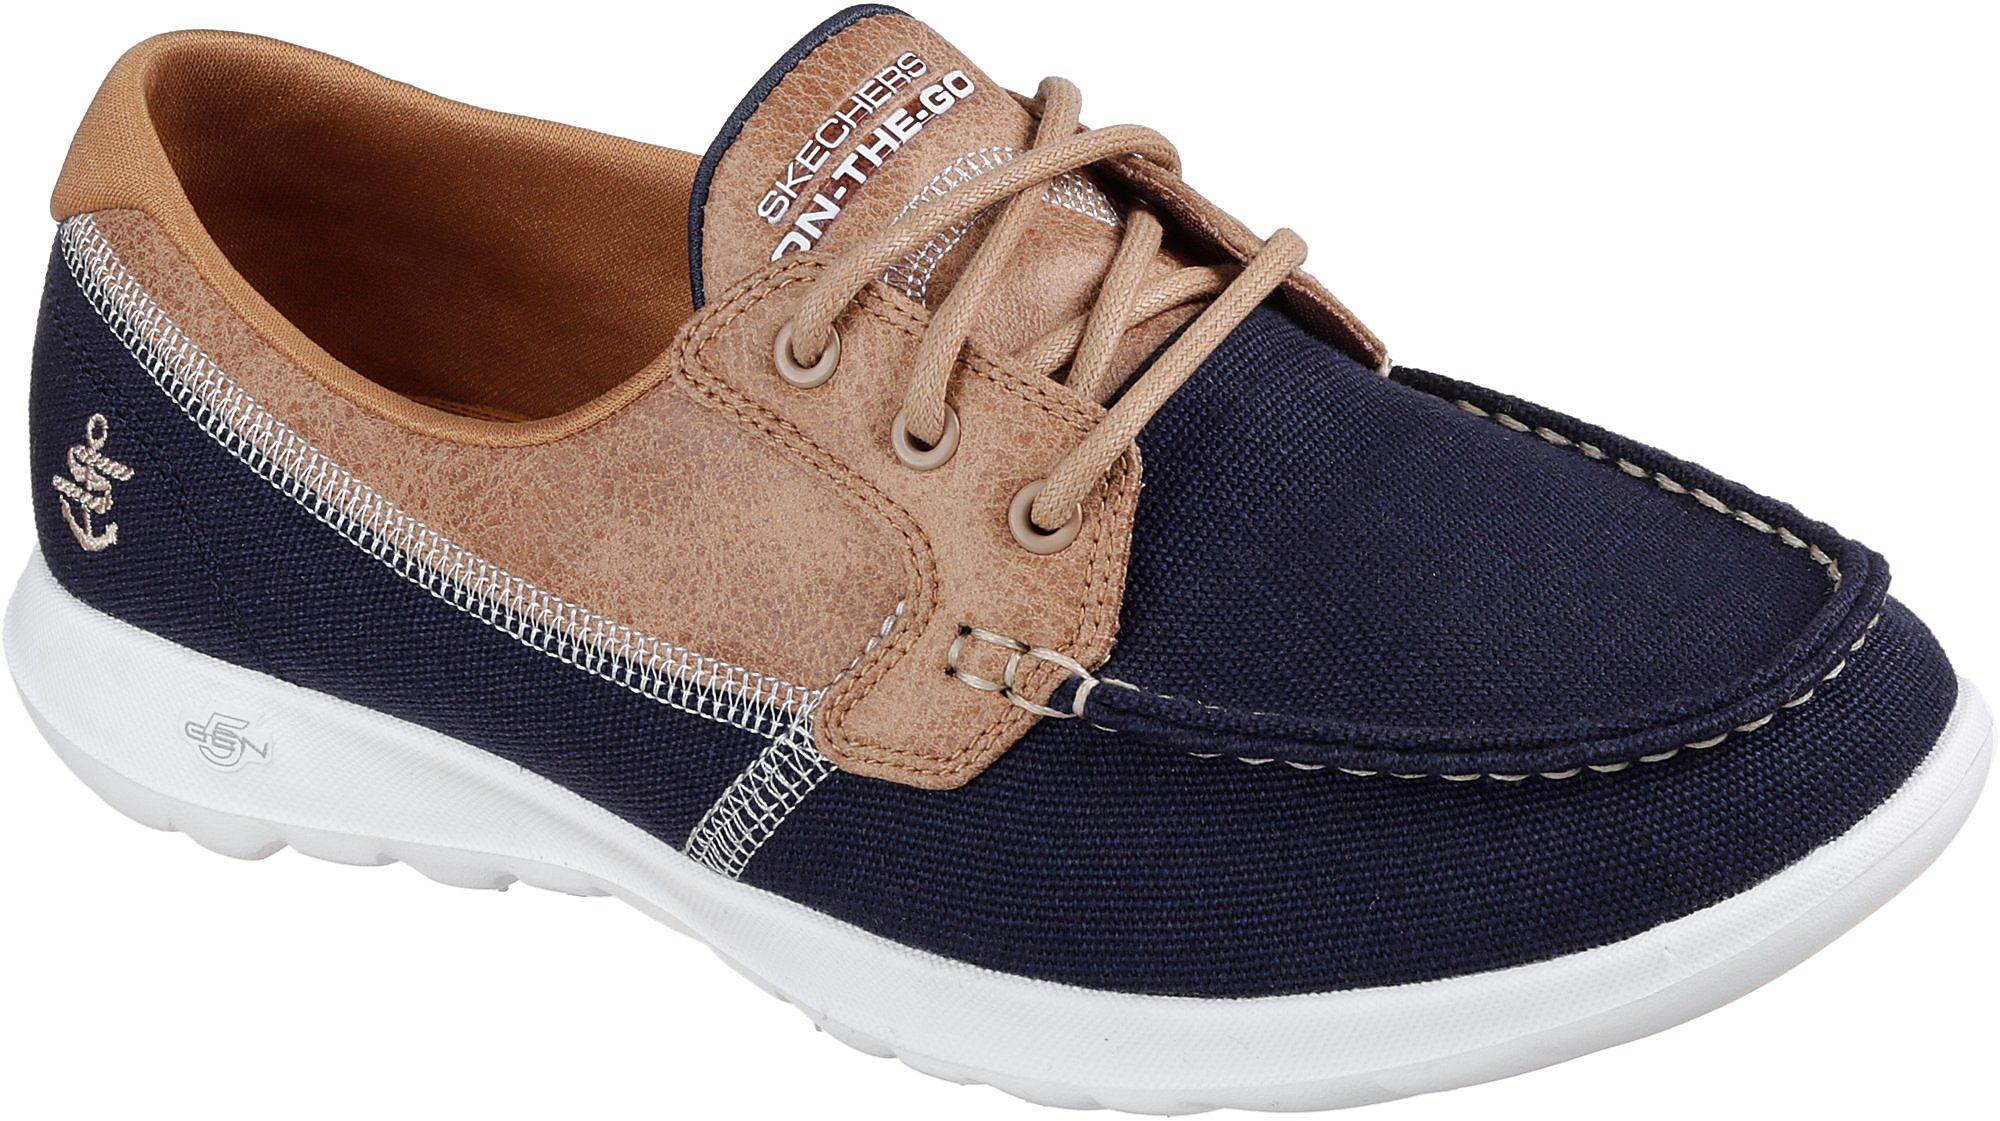 Skechers Damenschuhe OTG Go Lite Coral Boat Schuhes    Schuhes   6ed4e9